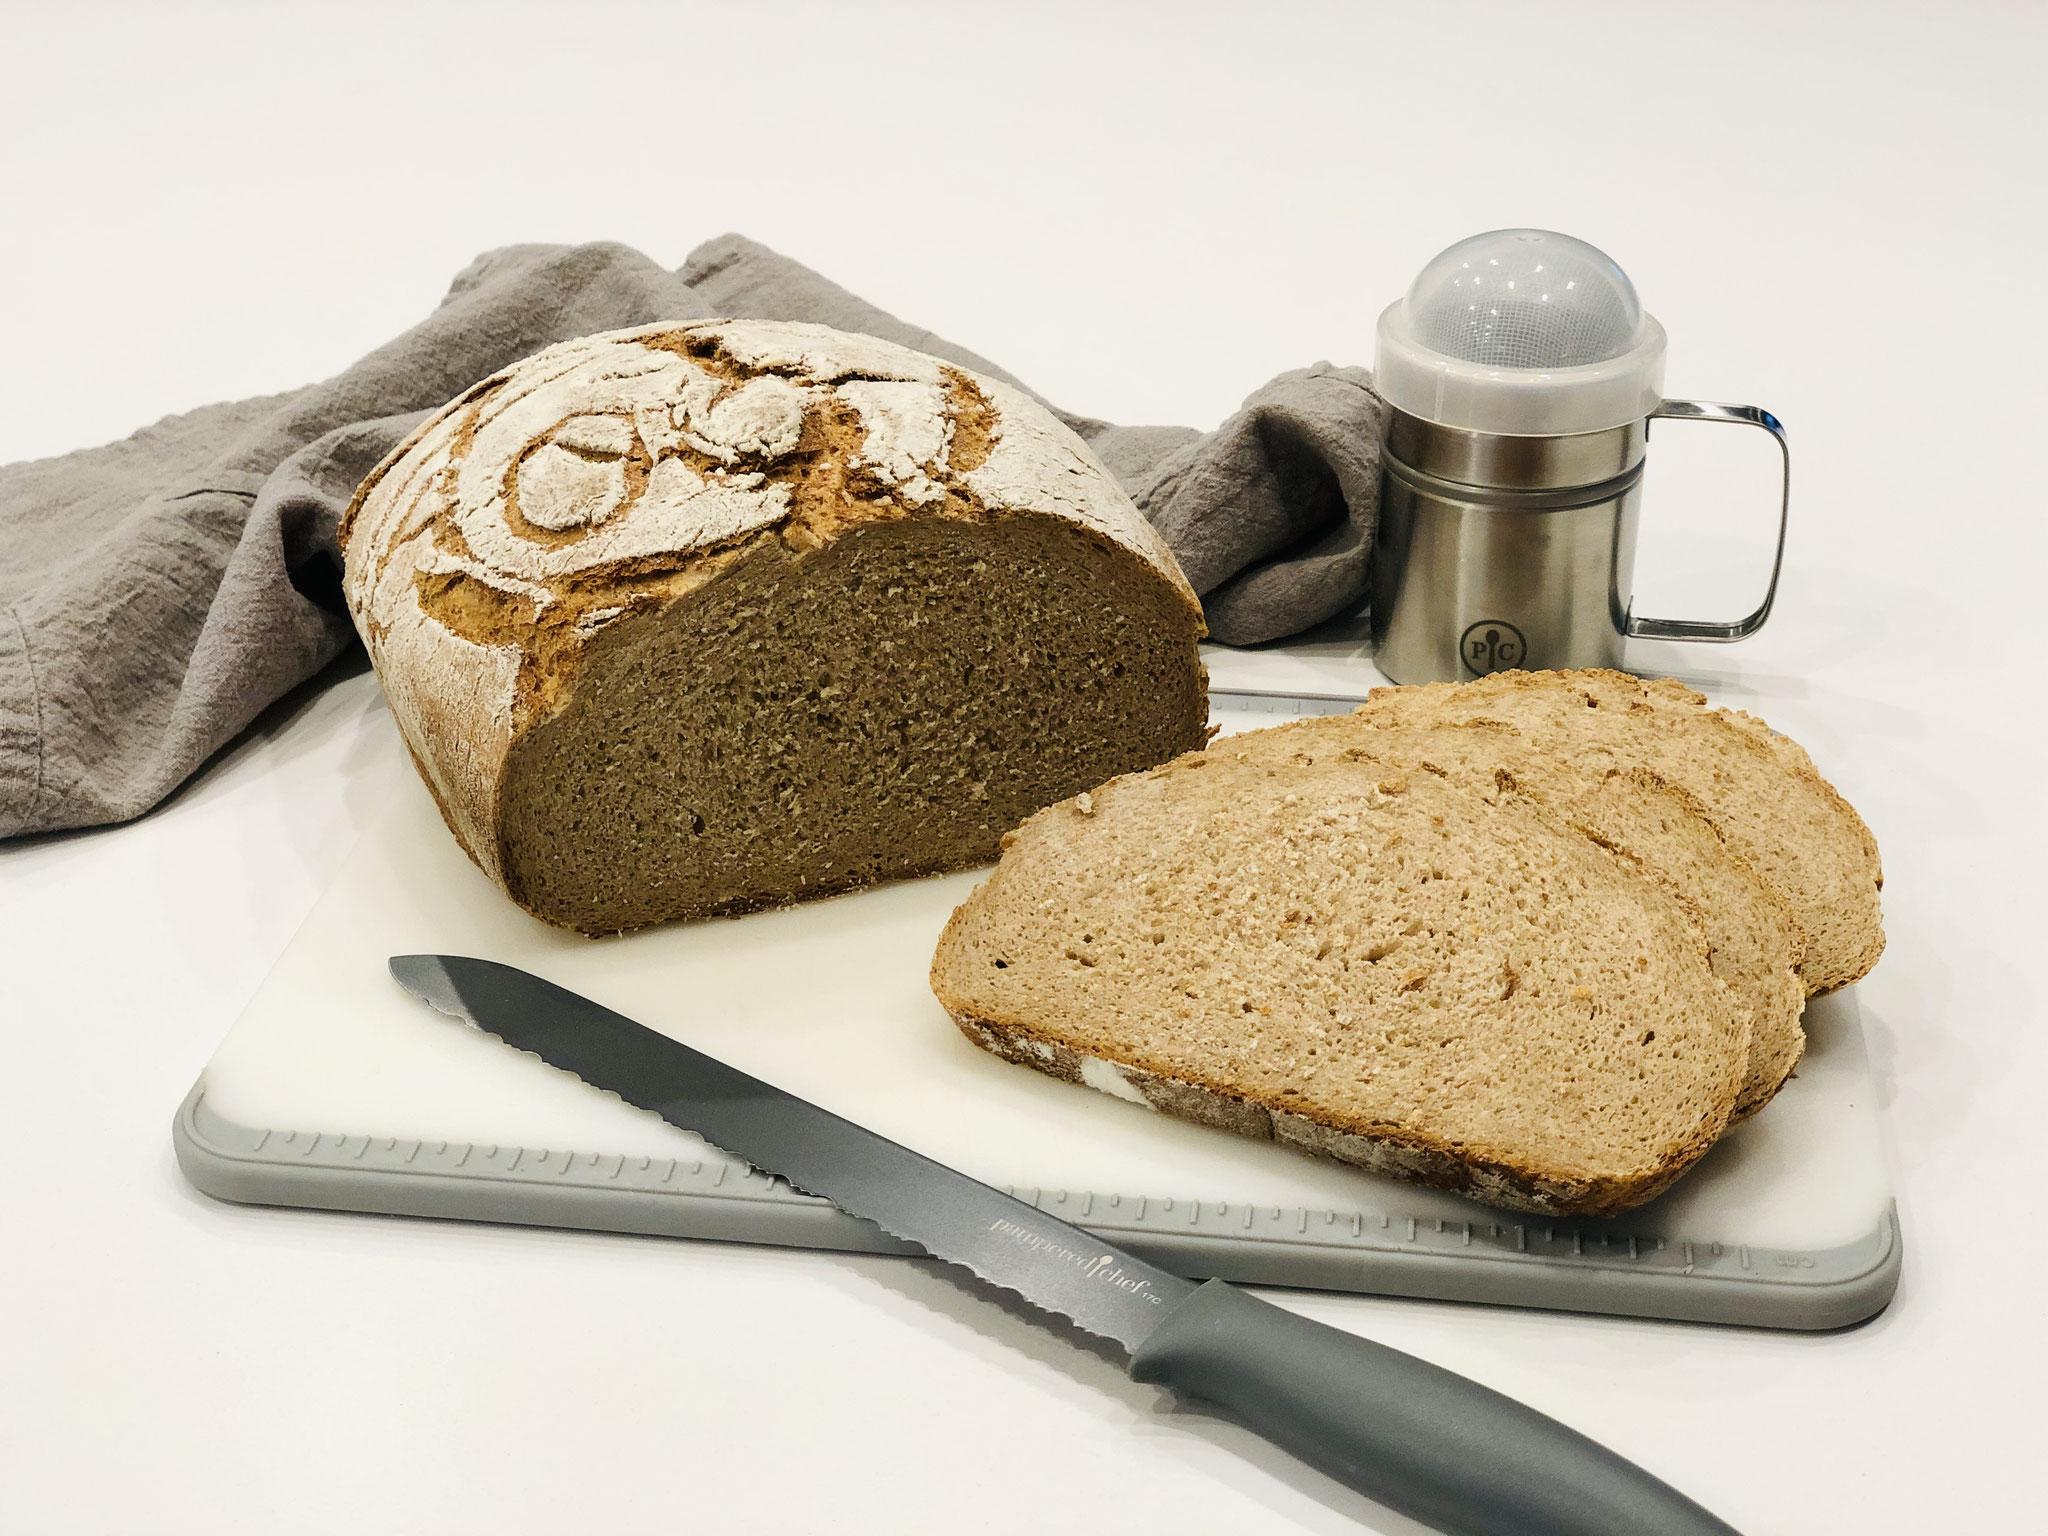 So sieht die Krume vom Brot aus....hach es ist einfach lecker so ein frisches selbst gebackenes Brot zu essen ♥